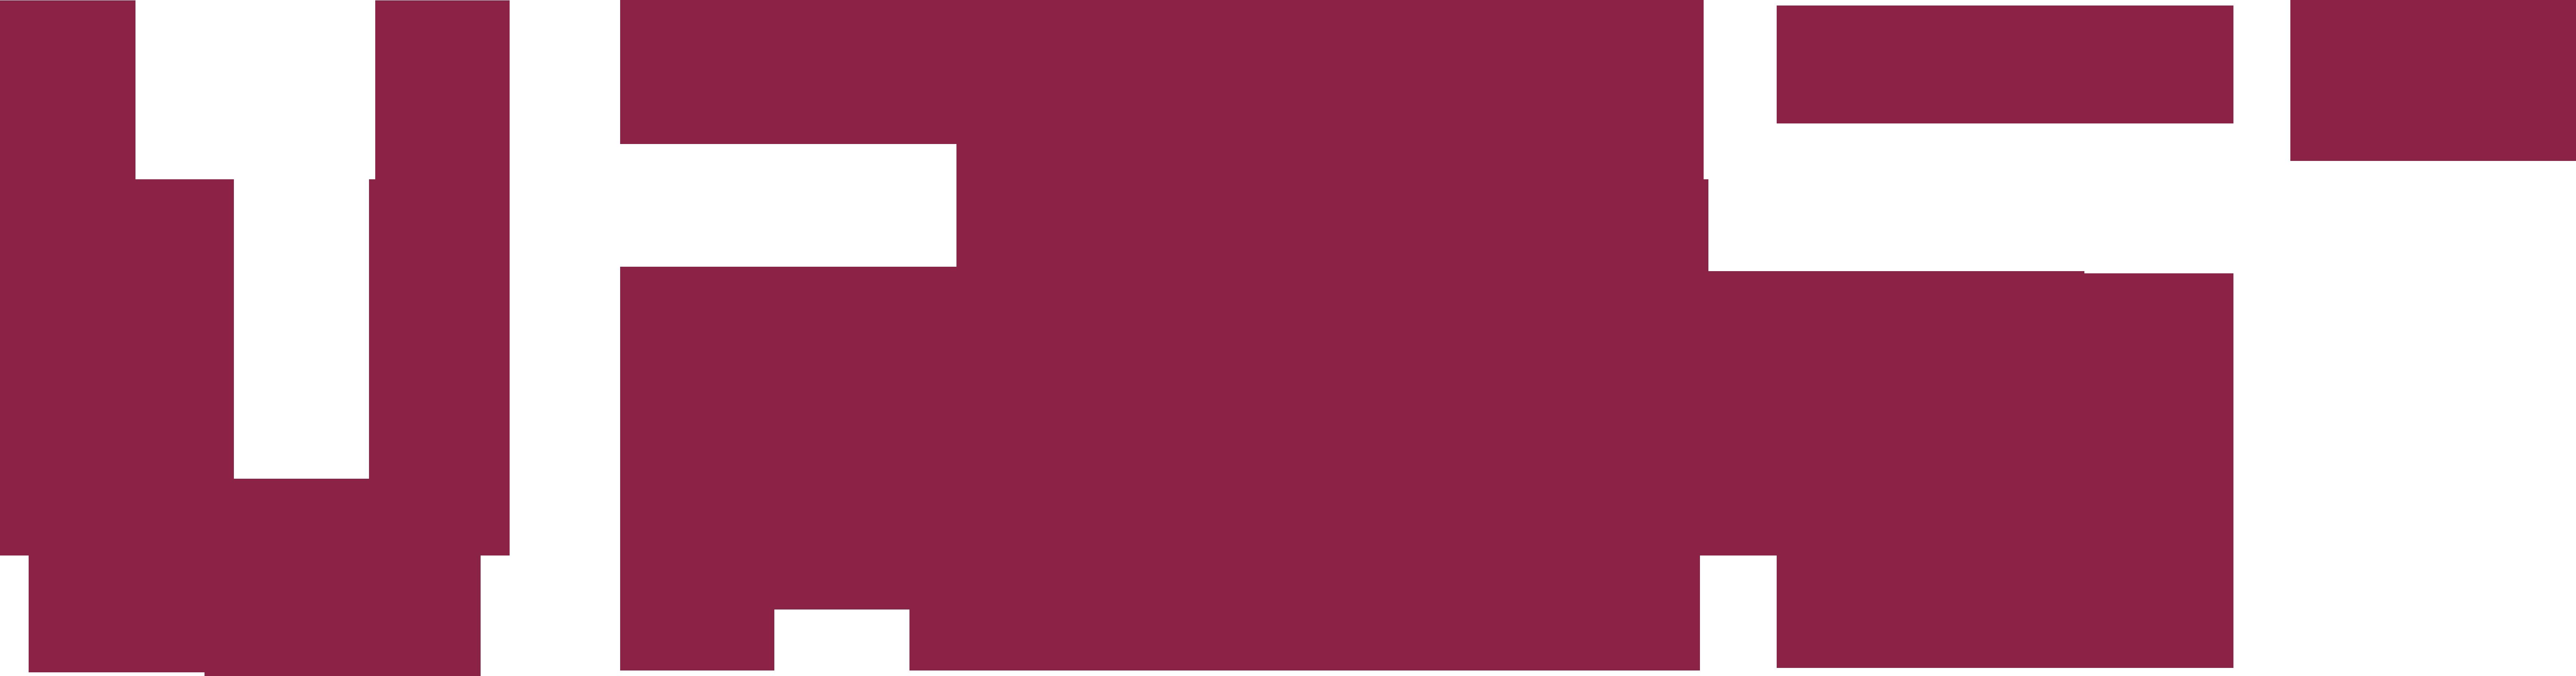 Urbe - Rondifer s.n.c. di Rondi Virgilio & C.